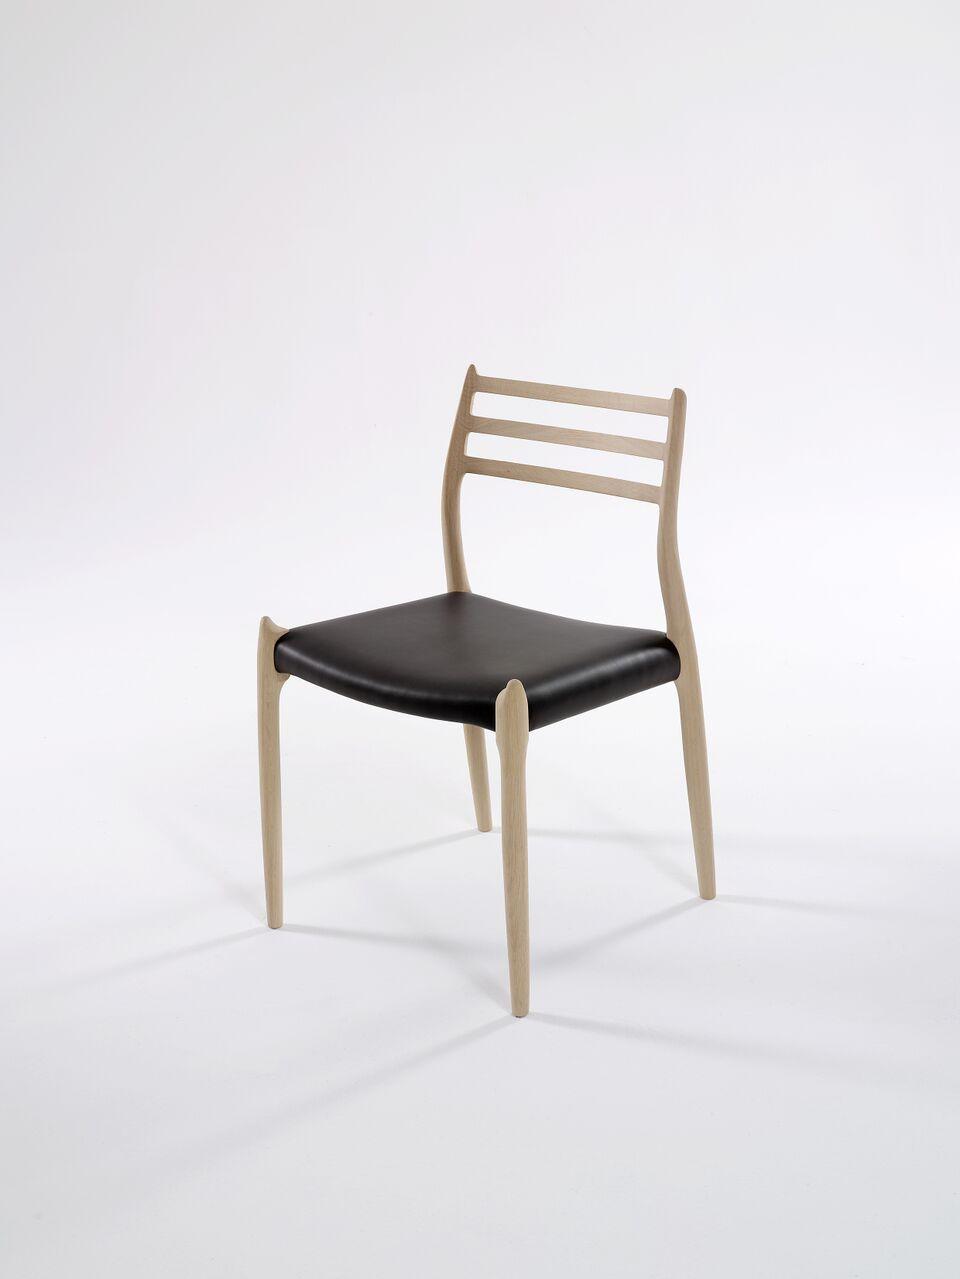 J. L. Møllers Chair No. 78